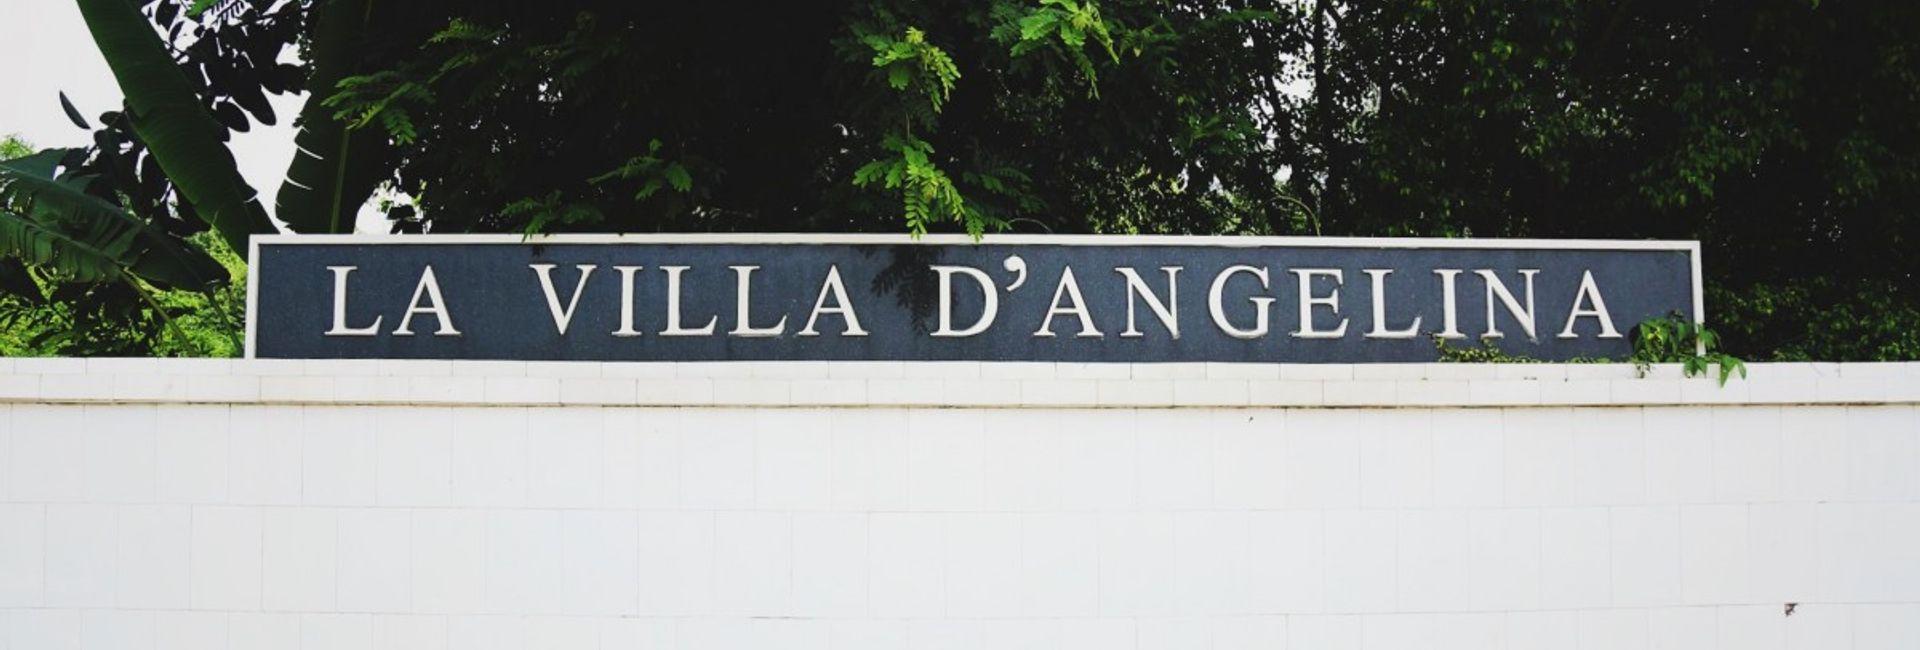 La Villa D' Angelina - Biệt thự quyến rũ nhất